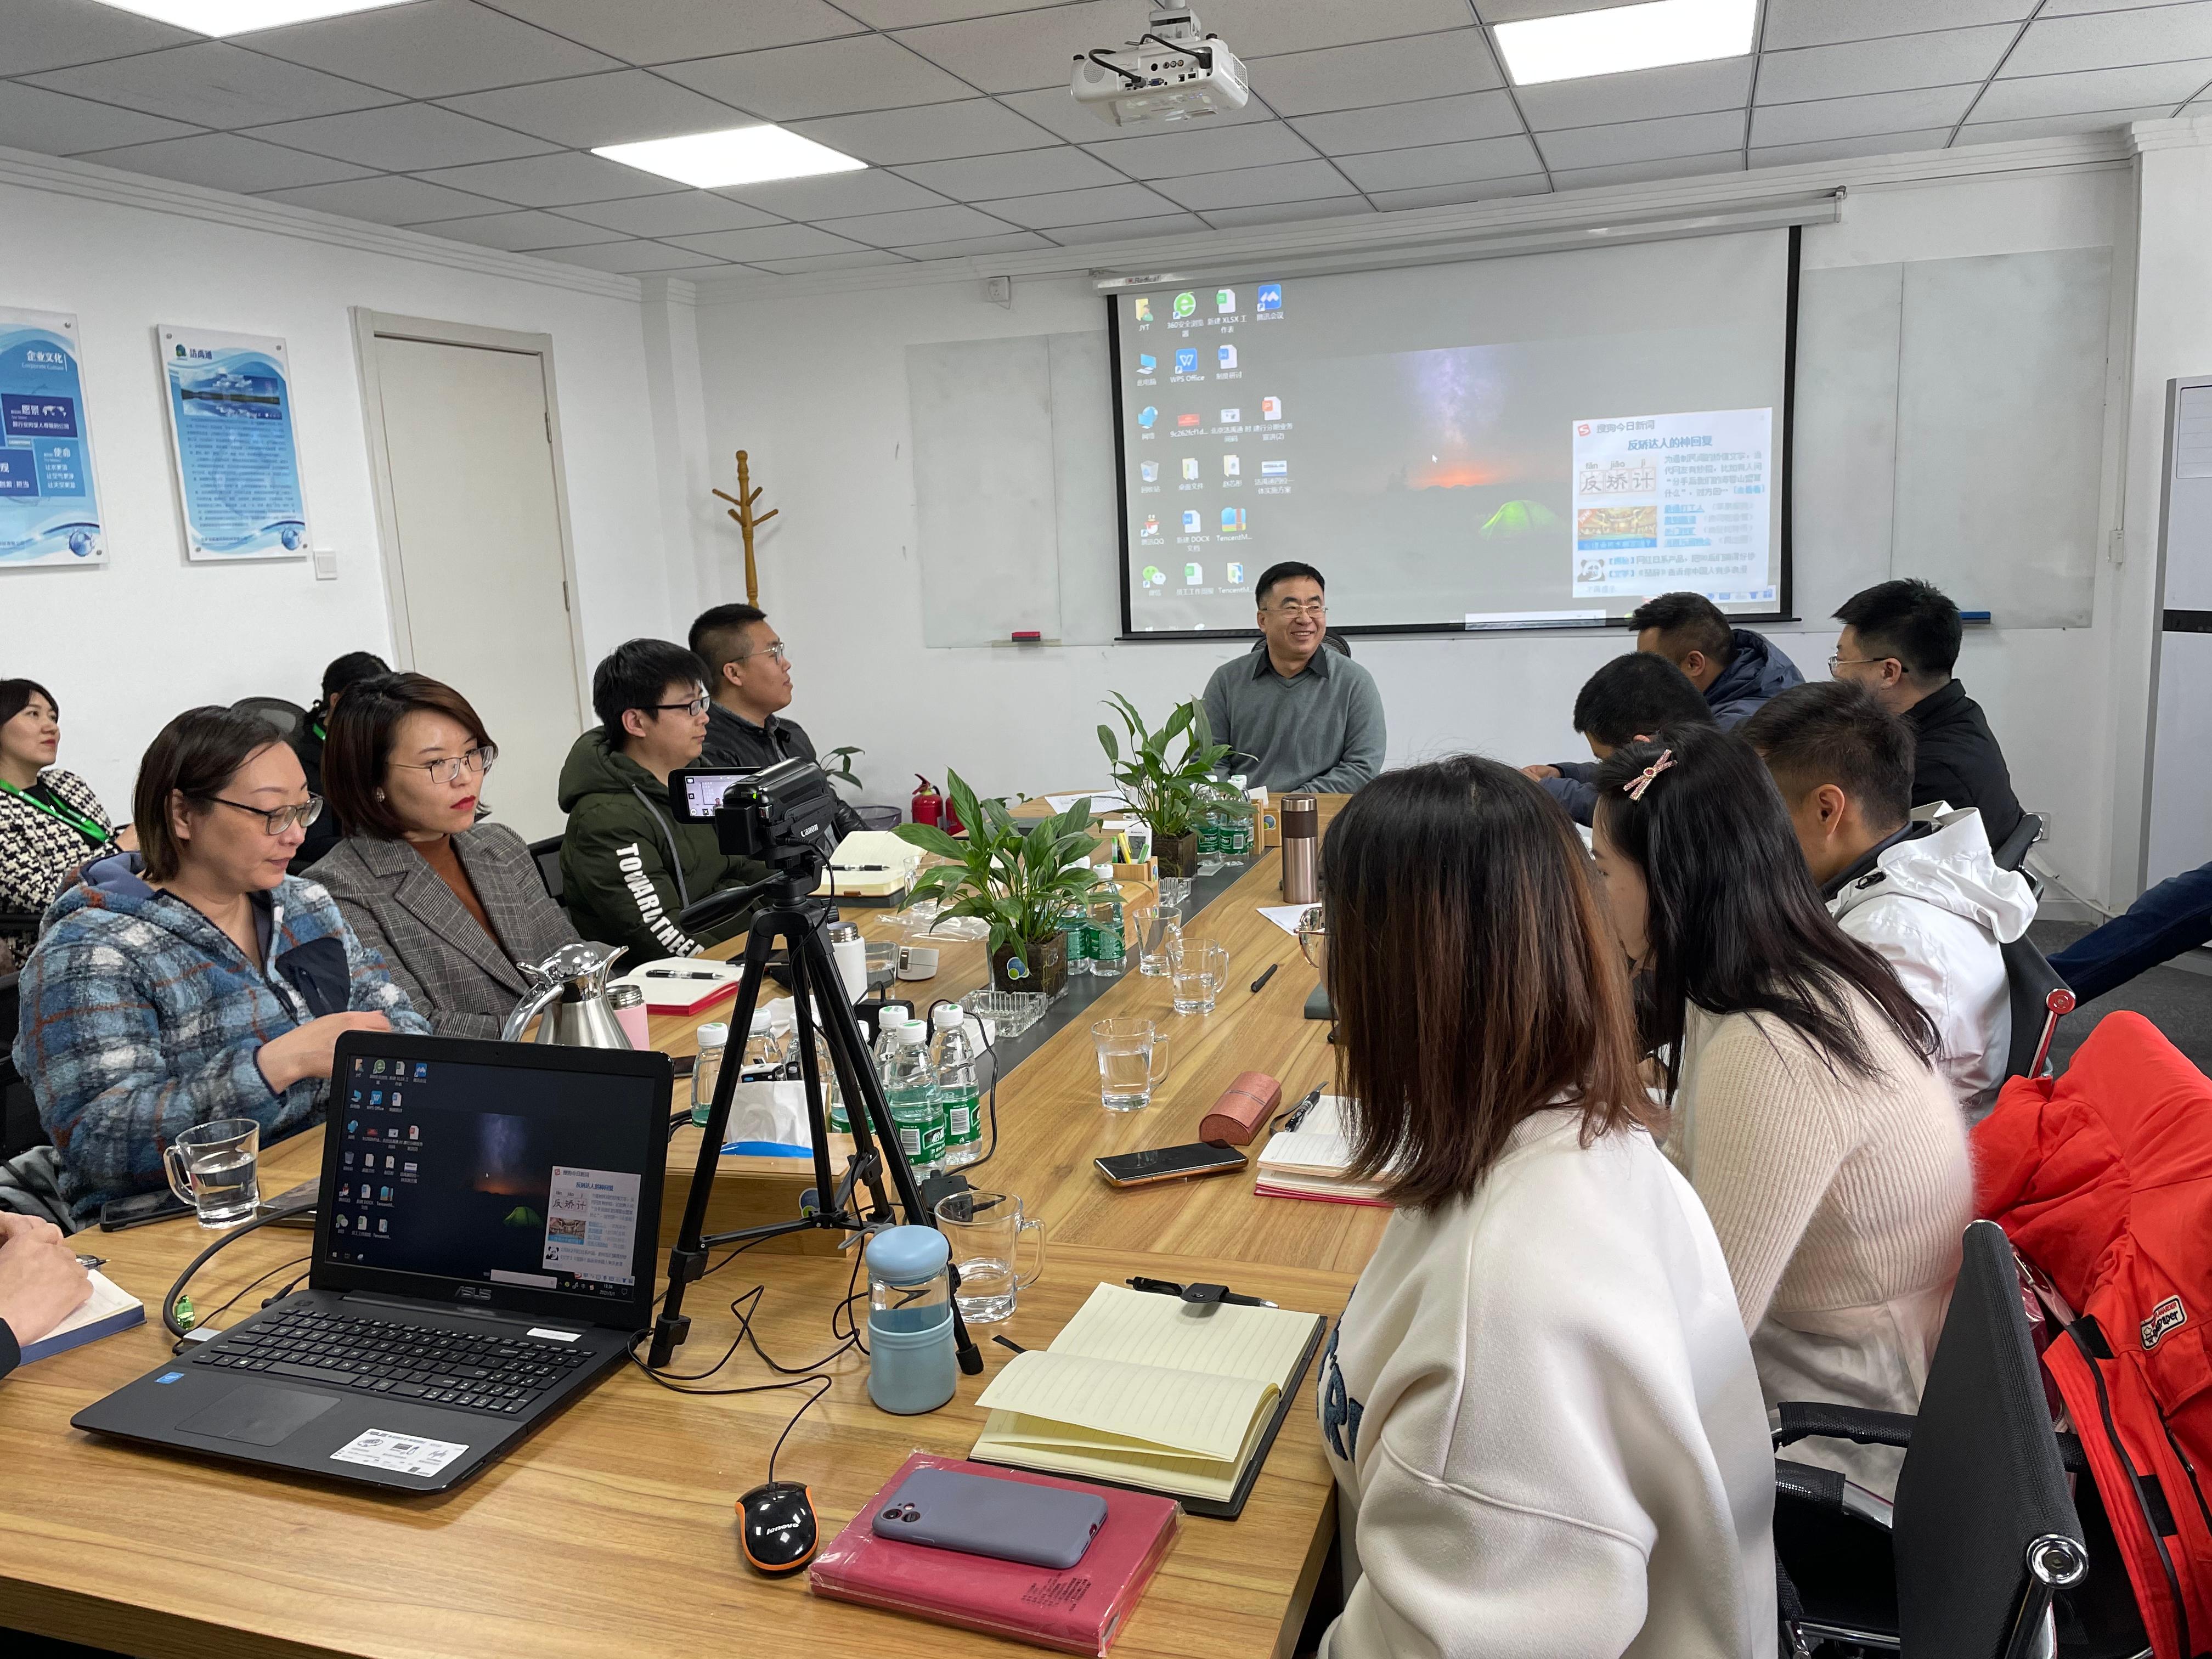 北京k8彩票下载环保科技有限公司新员工培训及考核工作圆满结束!